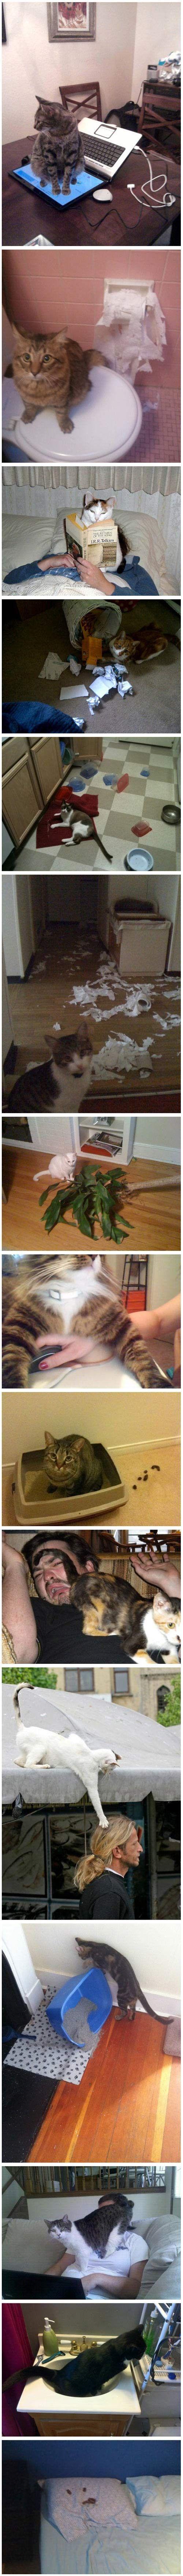 Cats are jerks hahaha! Aww, I miss my cat.